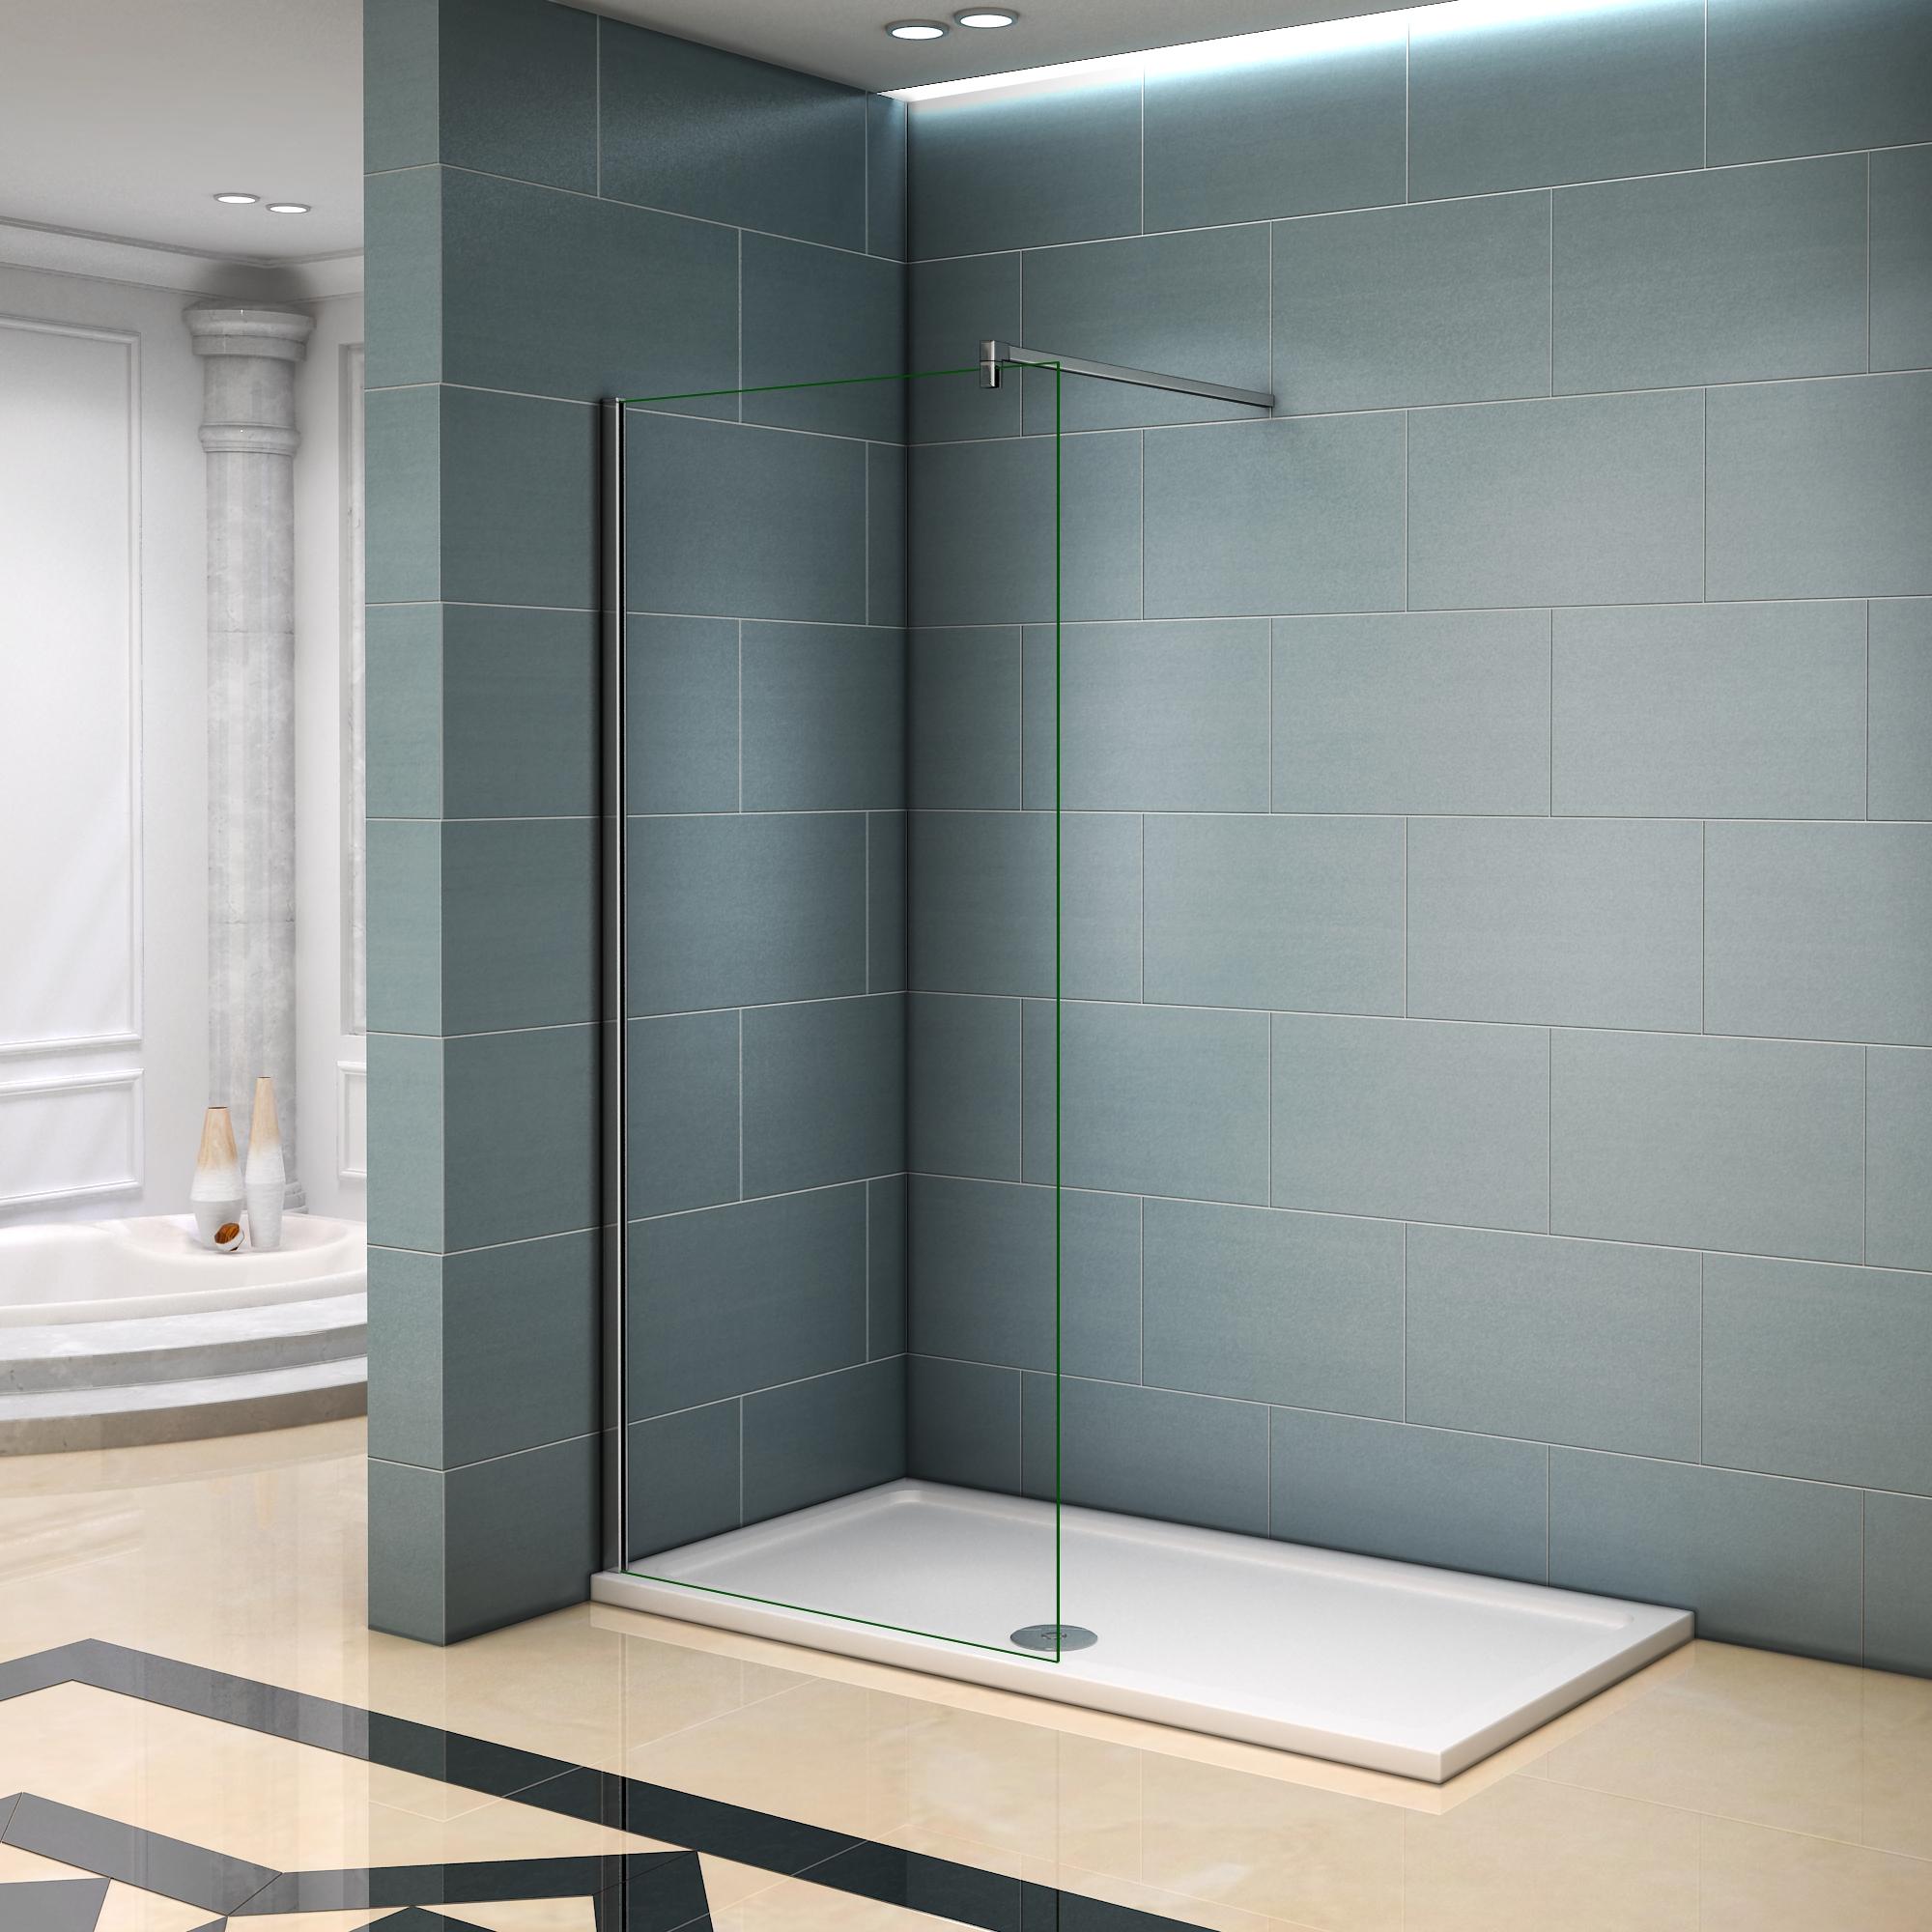 aica paroi de douche 1600x2000x8mm en verre anticalcaire walk in paroi de fixation avec barre de. Black Bedroom Furniture Sets. Home Design Ideas